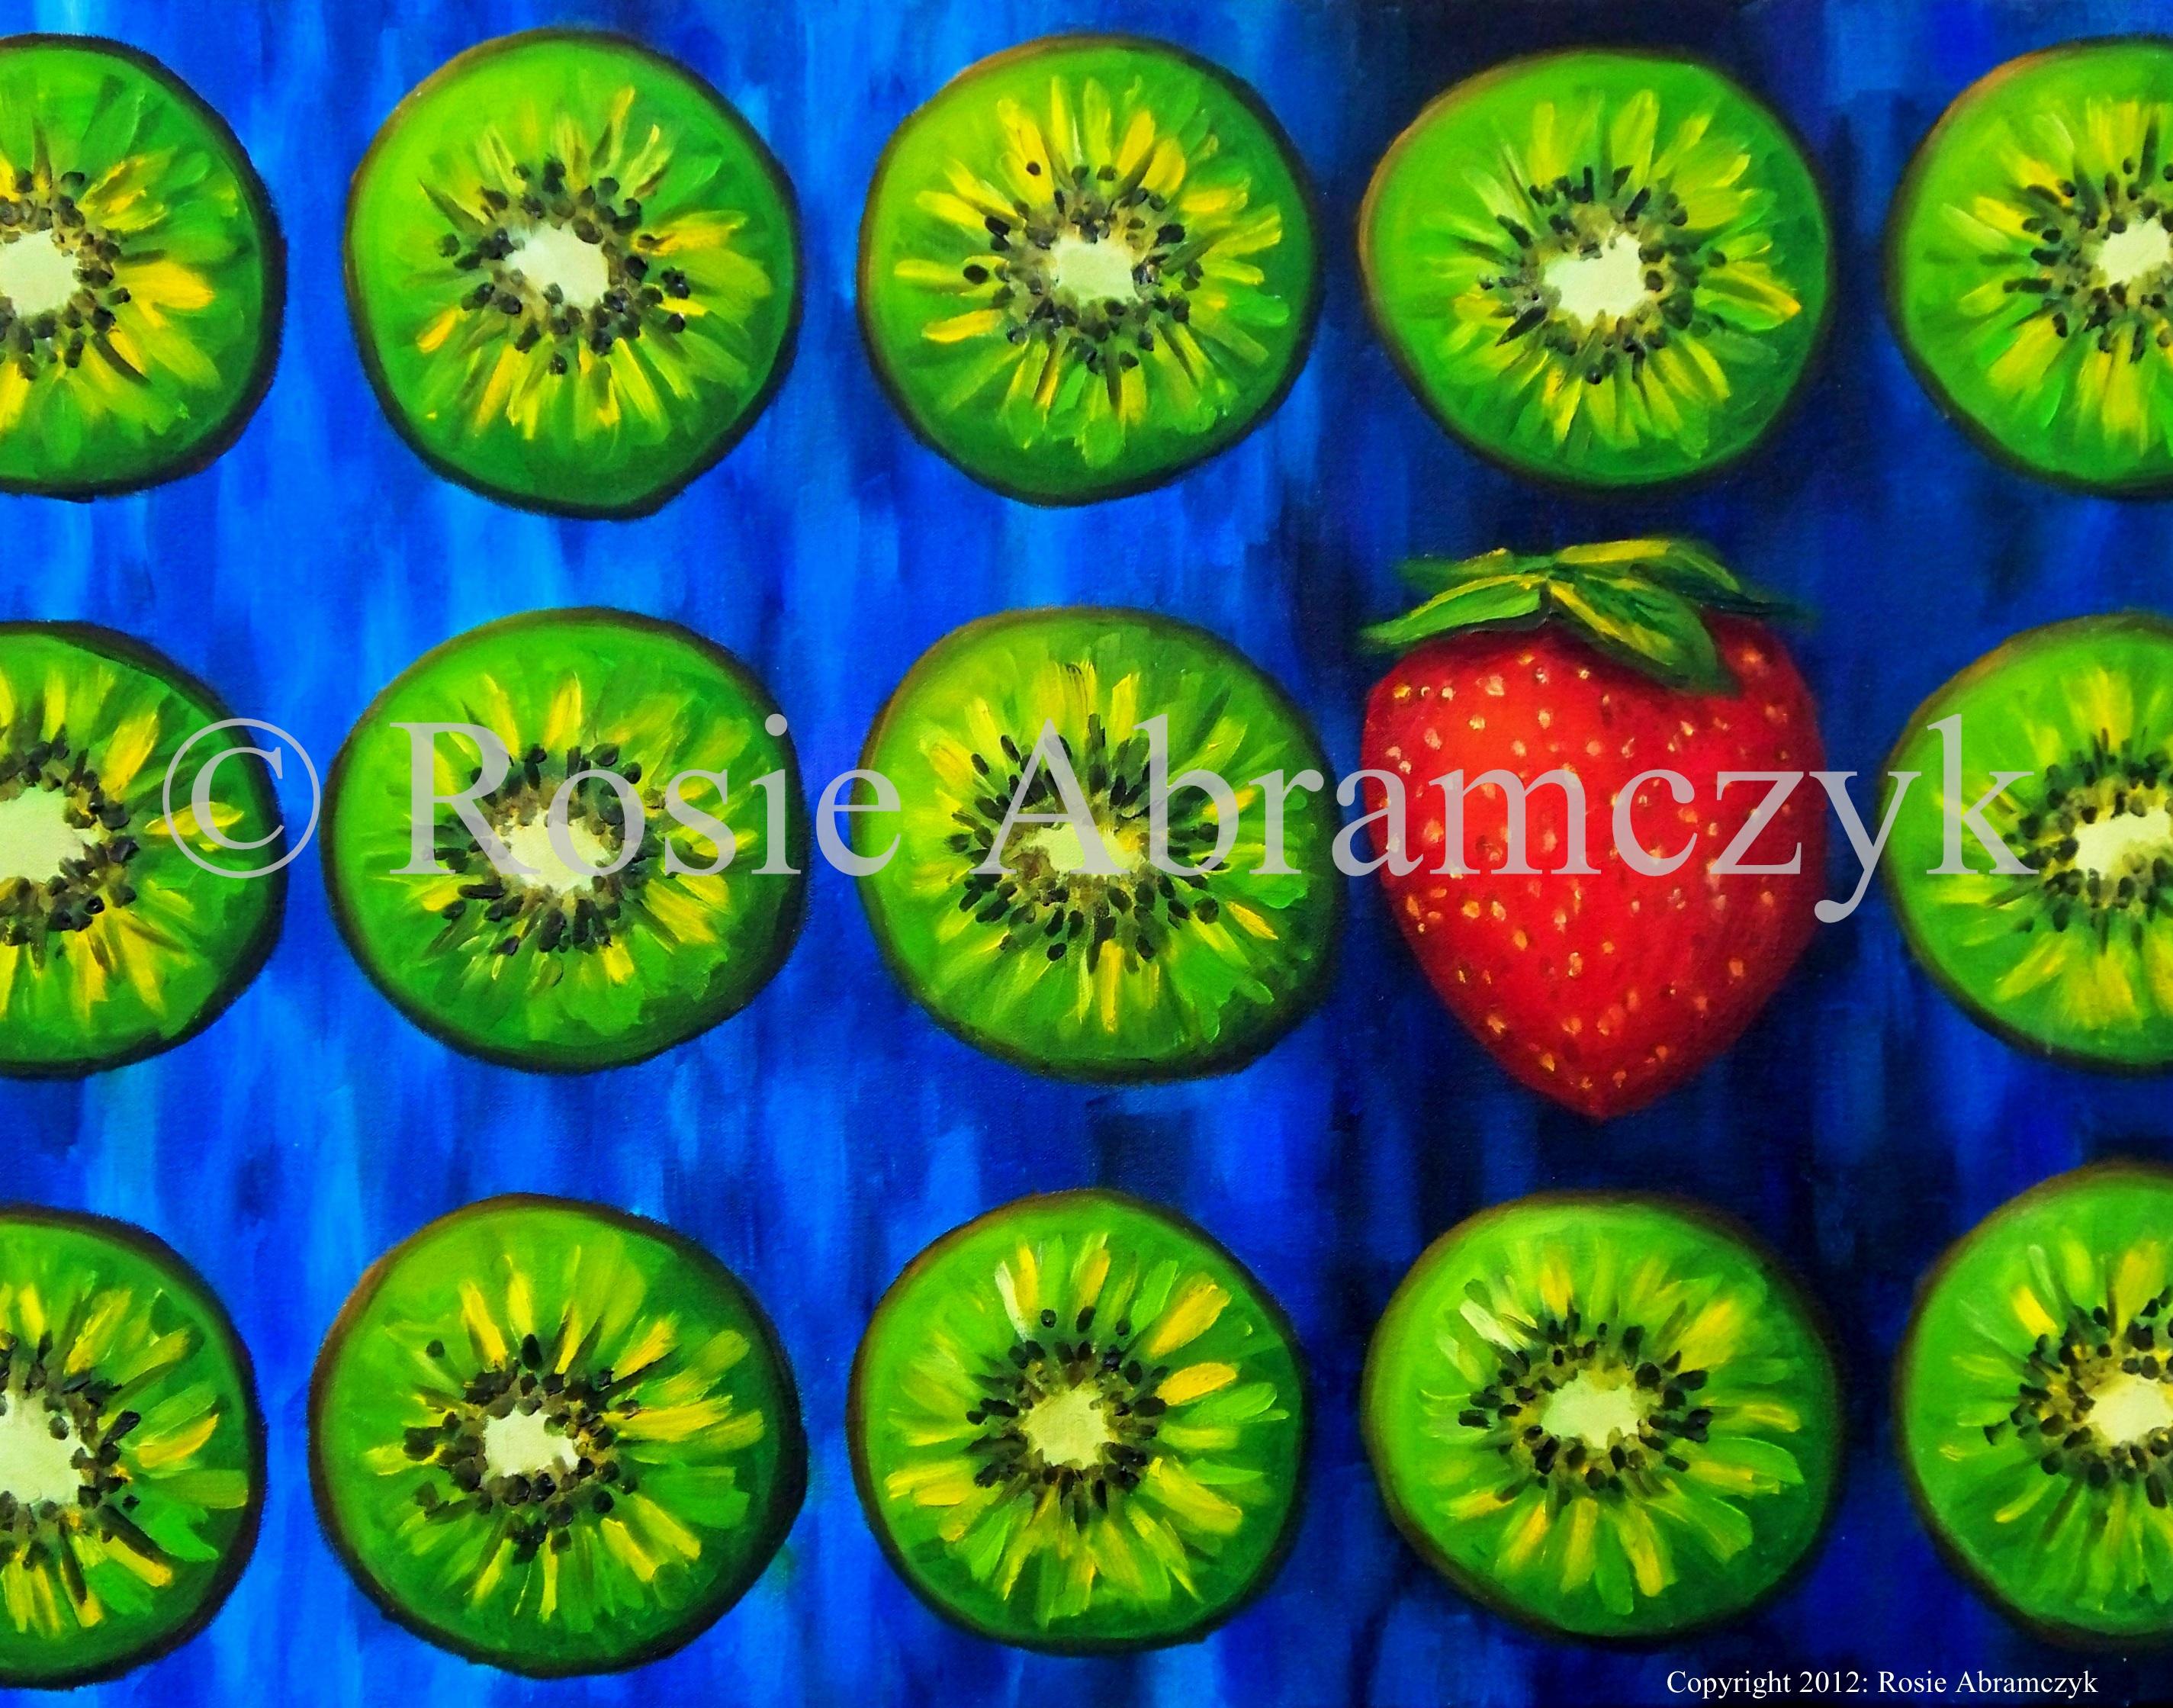 Kiwis are Cool, Rosie Bromeier-Abramczyk, Oil, 2006